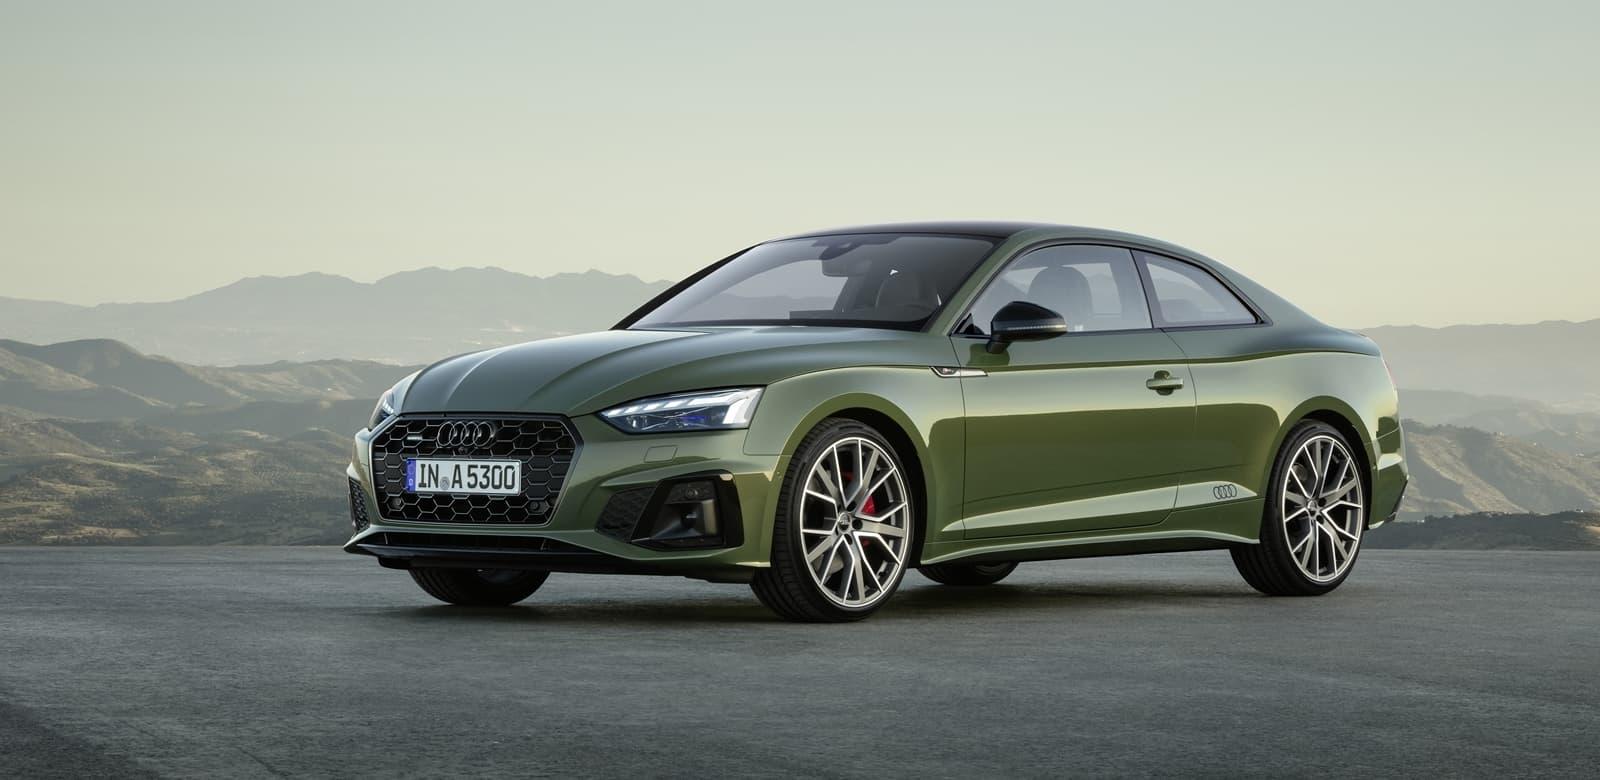 2020 Audi S5 Cabriolet Specs